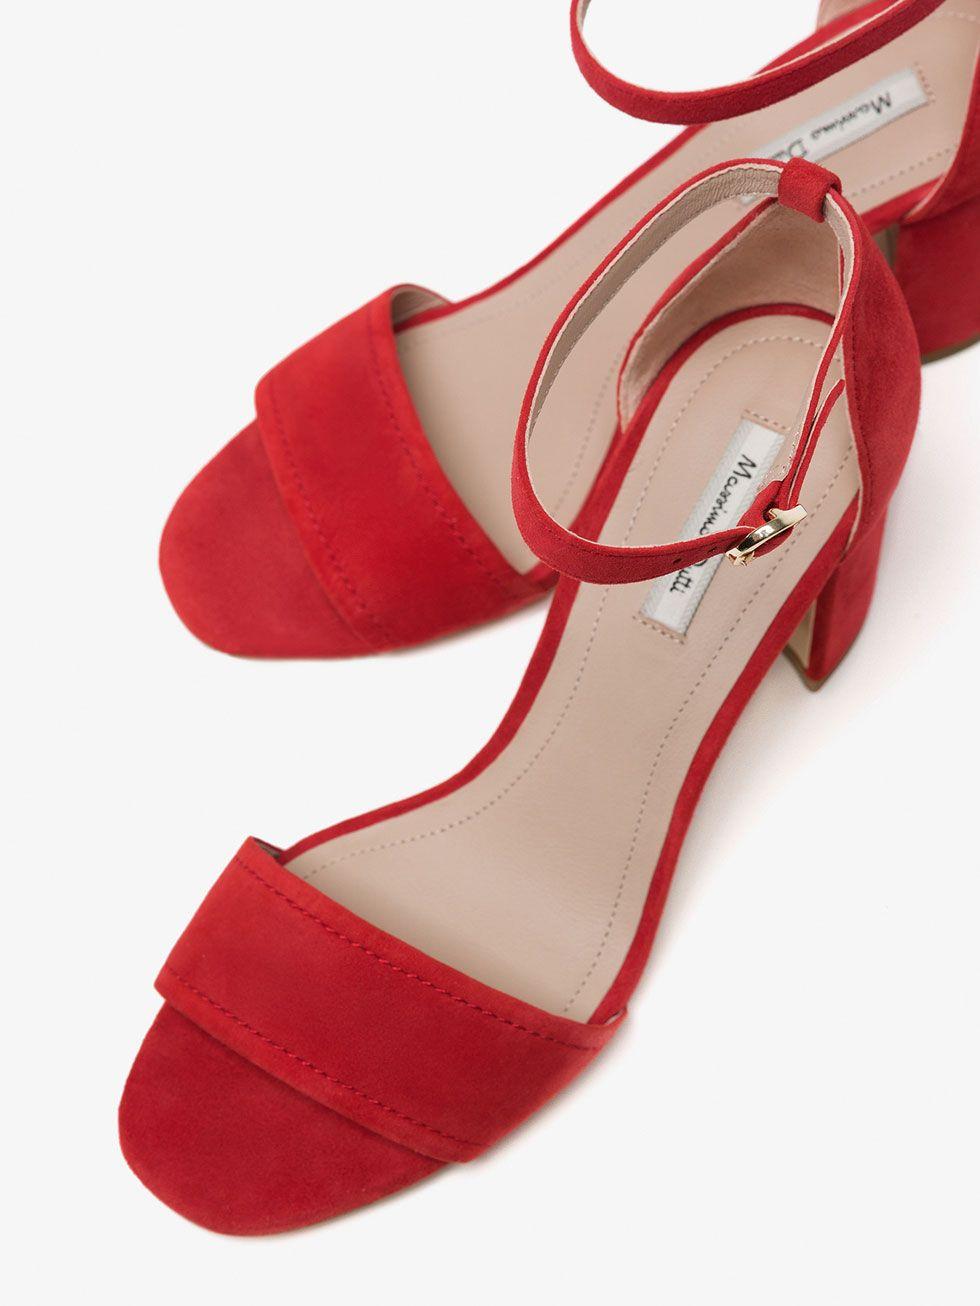 4bc102a8e4f88 Ver todo - Zapatos - MUJER - Massimo Dutti España 70€